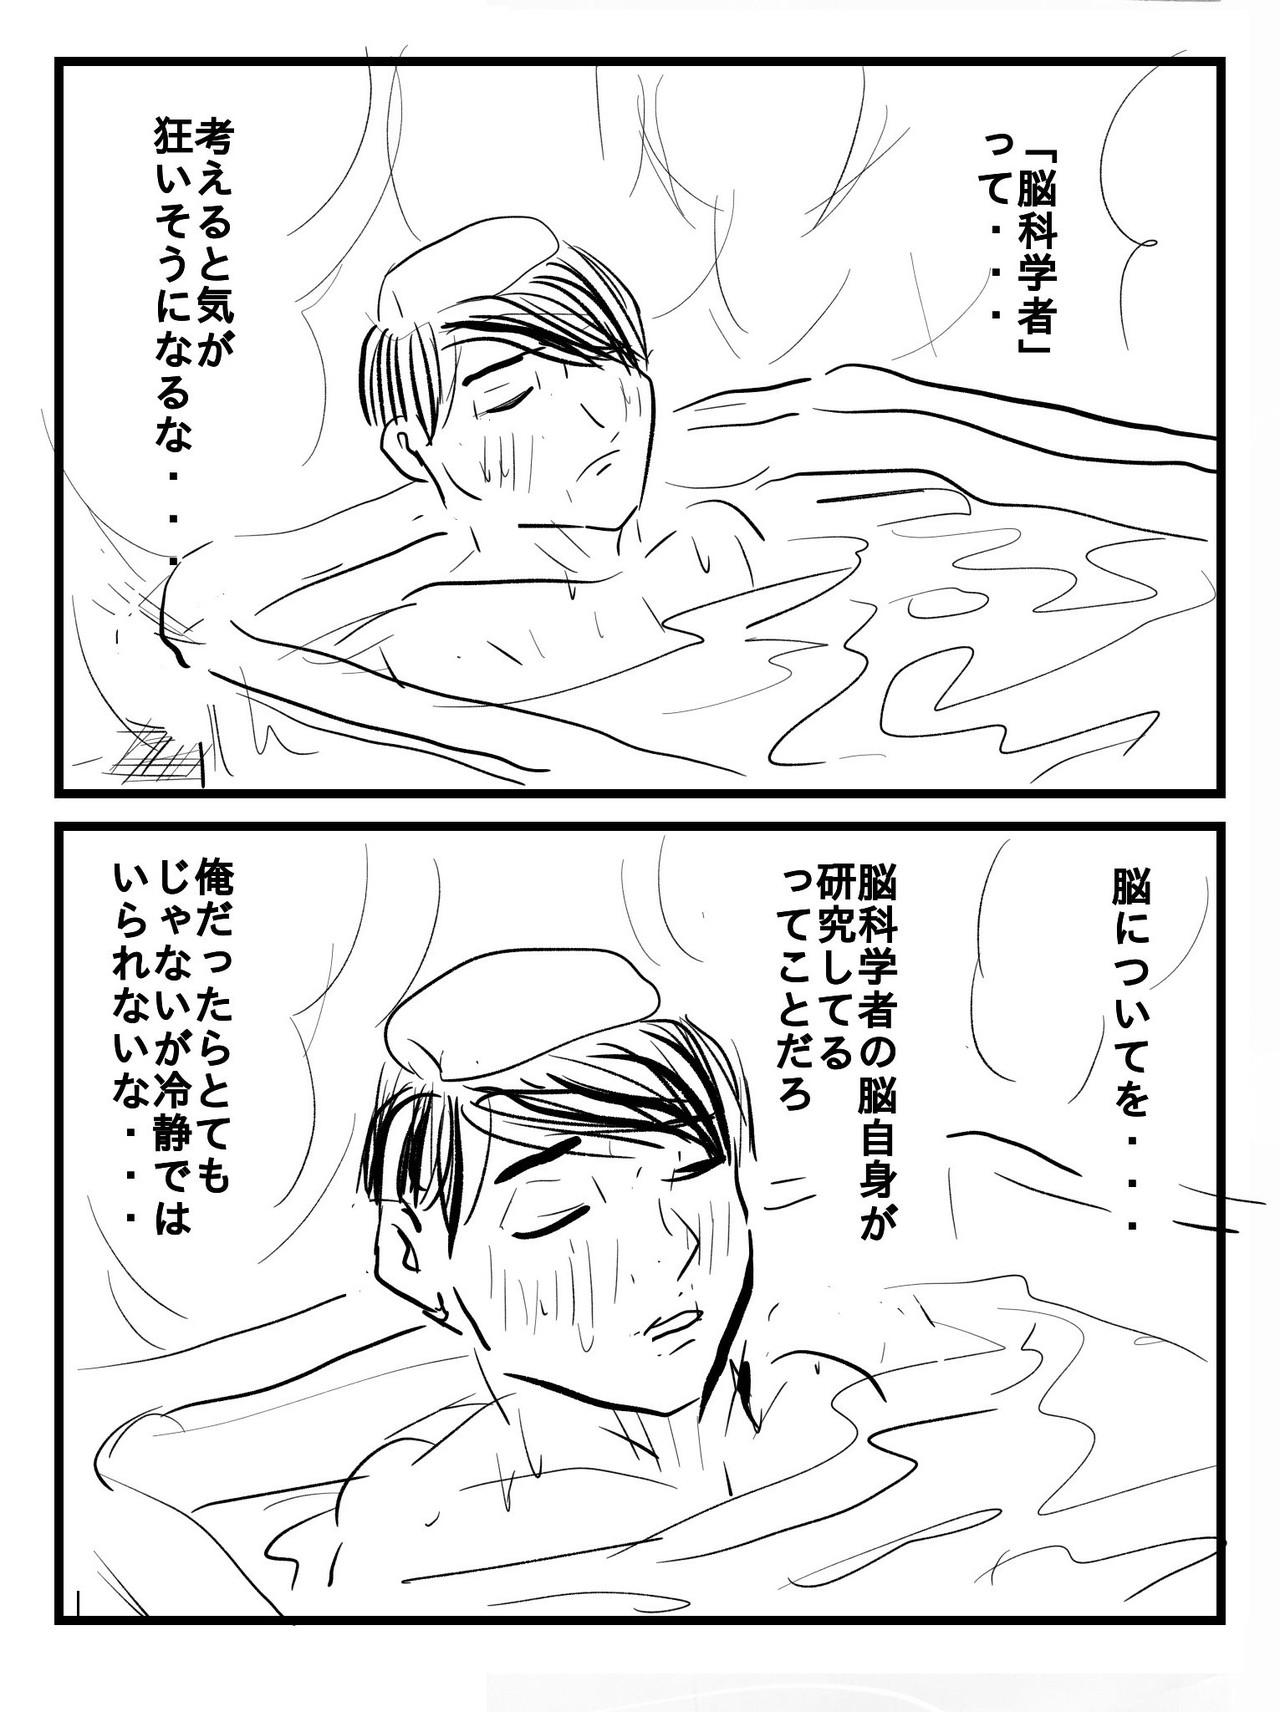 お風呂はいってるとこういうことばかり浮かんできます。